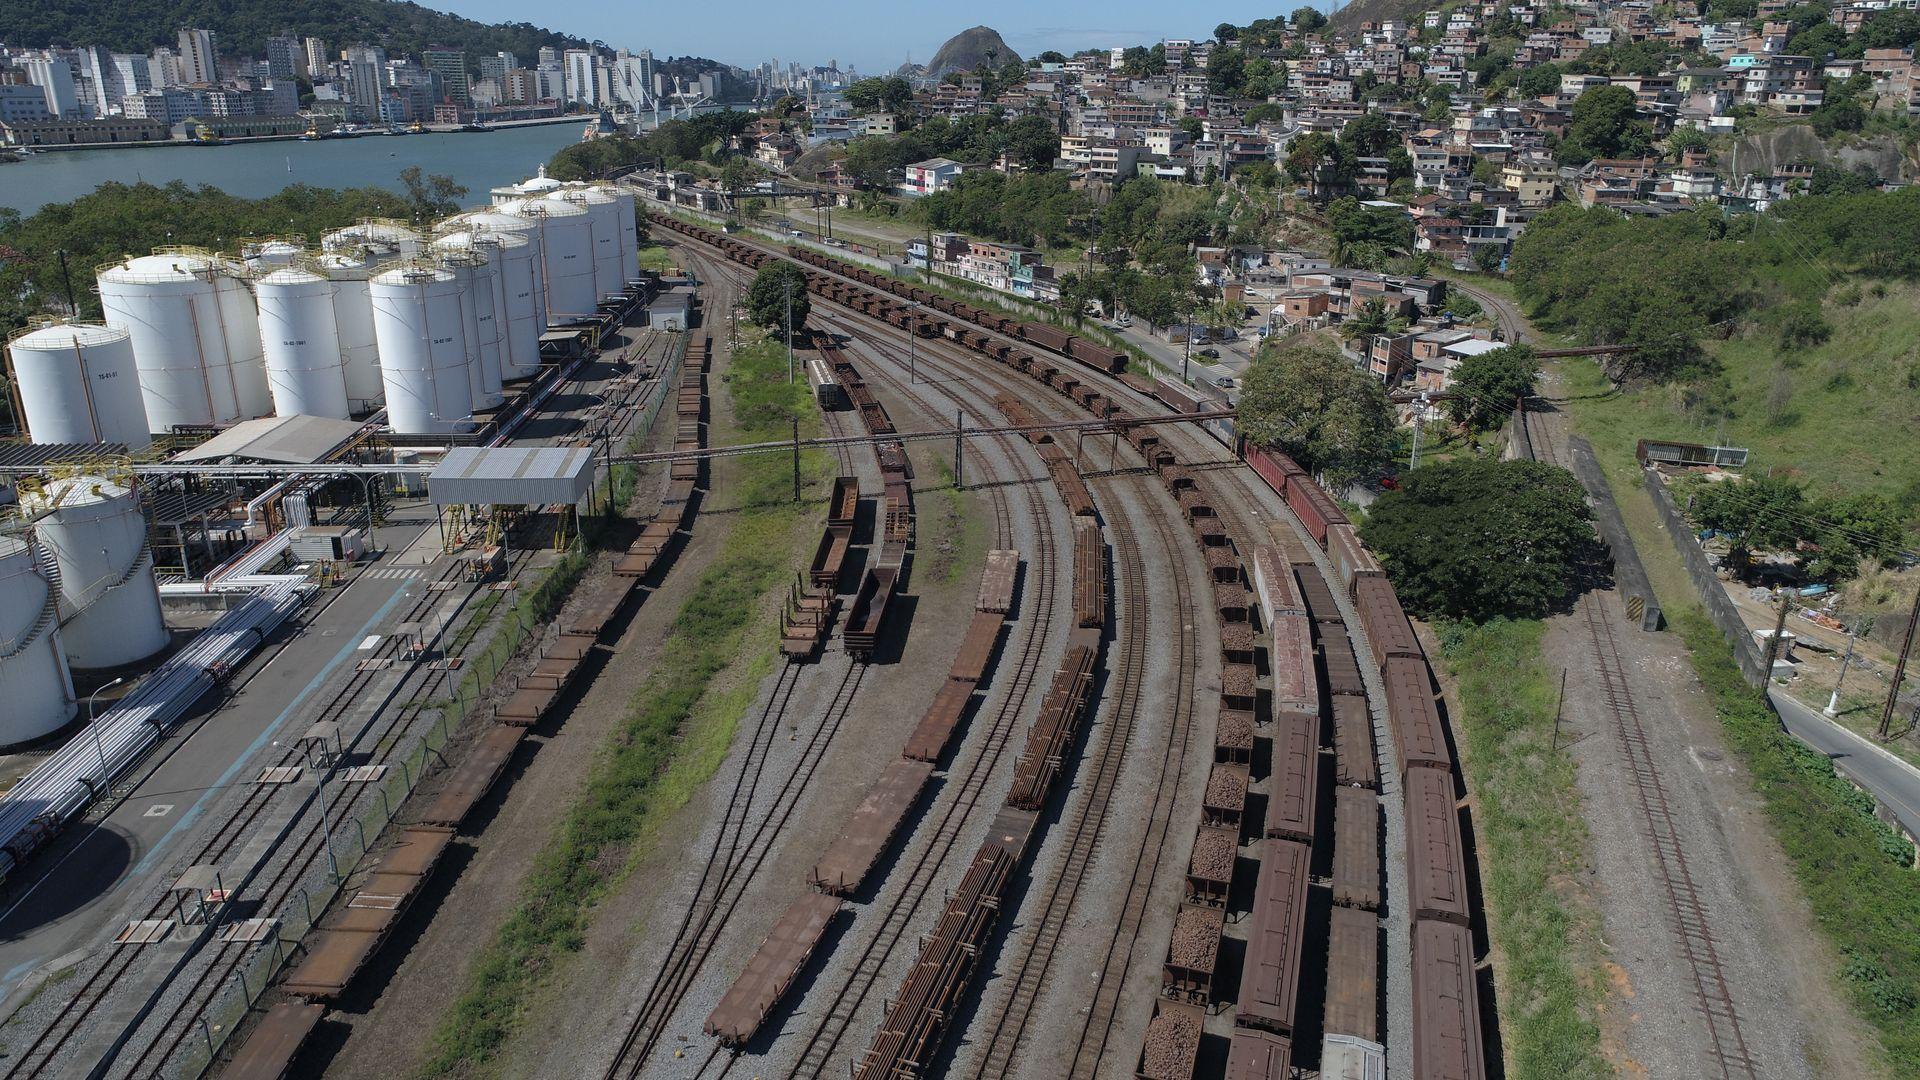 Vagões da Vale estacionados na Estação Ferroviária de Argolas, entre Vila Velha e Cariacica: local será início de nova estrada de ferro até Anchieta